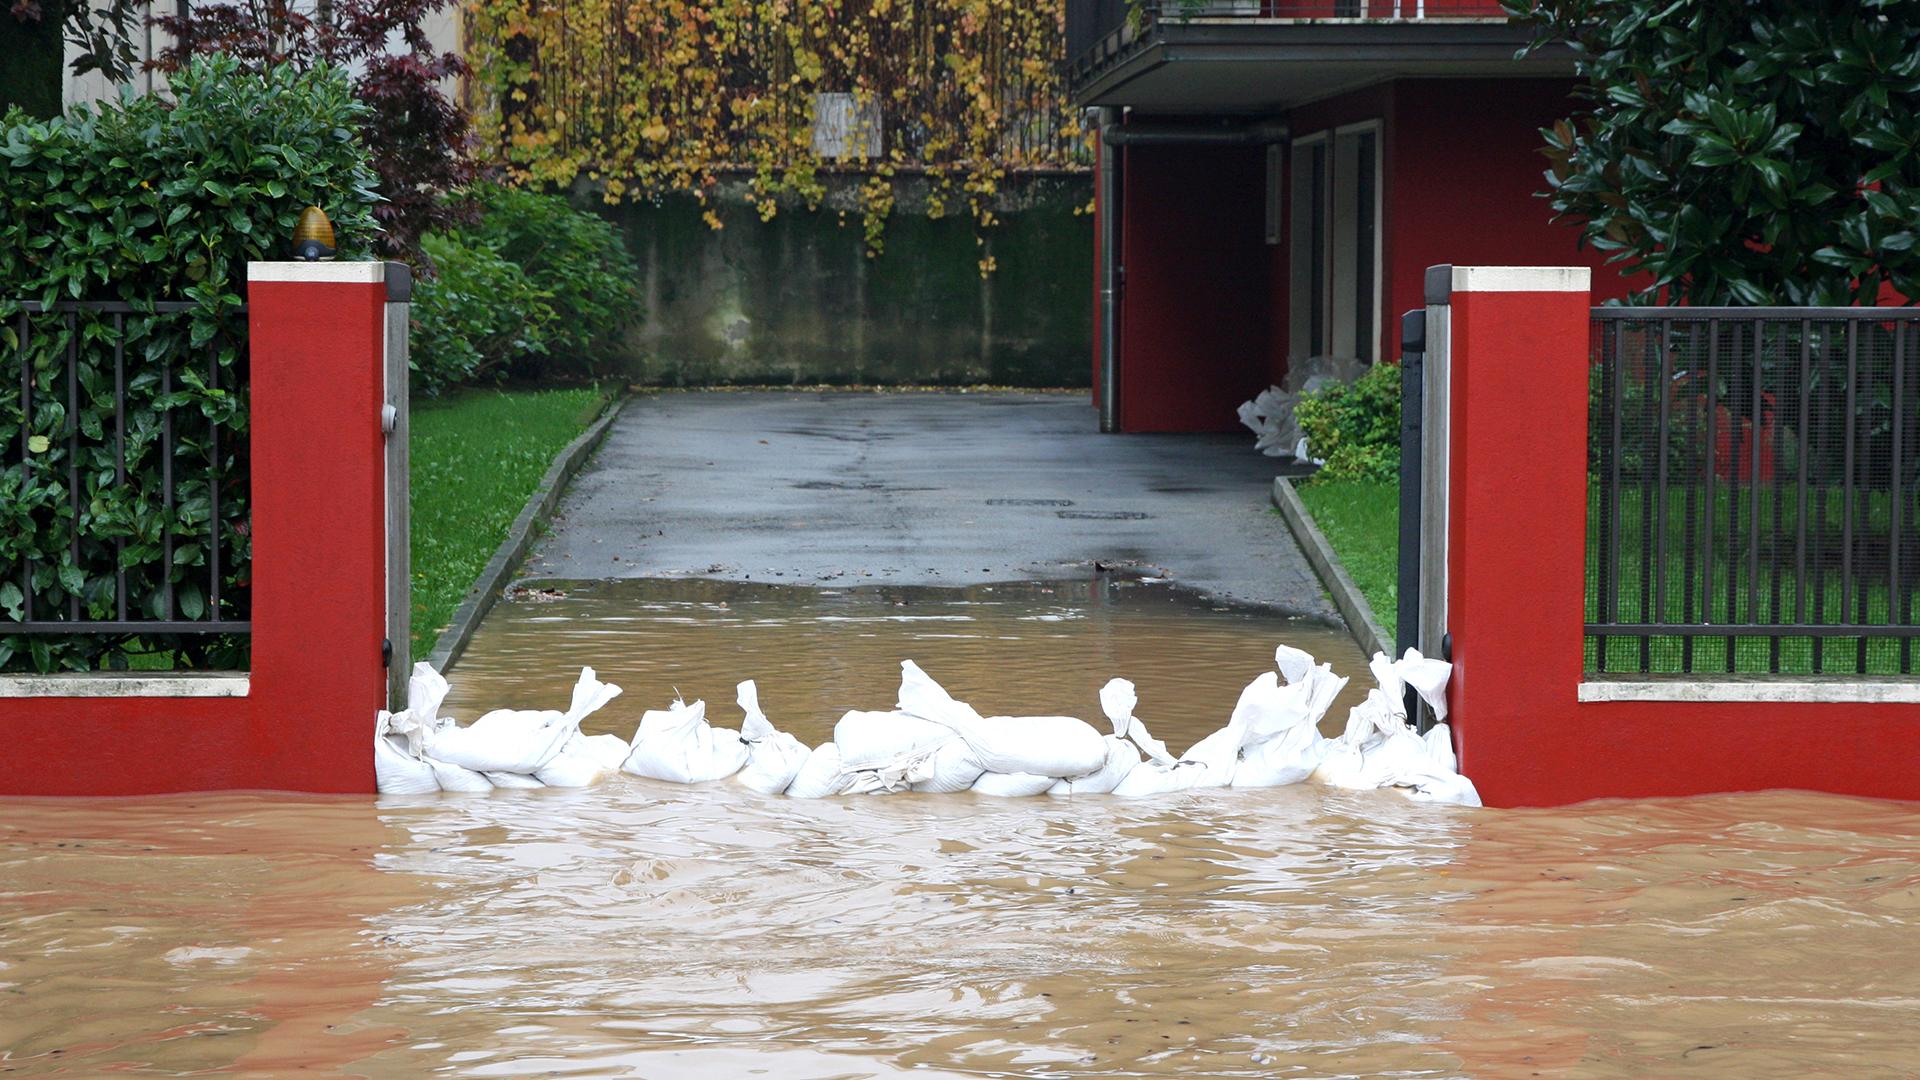 Flood Insurance in Abingdon, Bristol, Chilhowie, Glade Spring, Wytheville